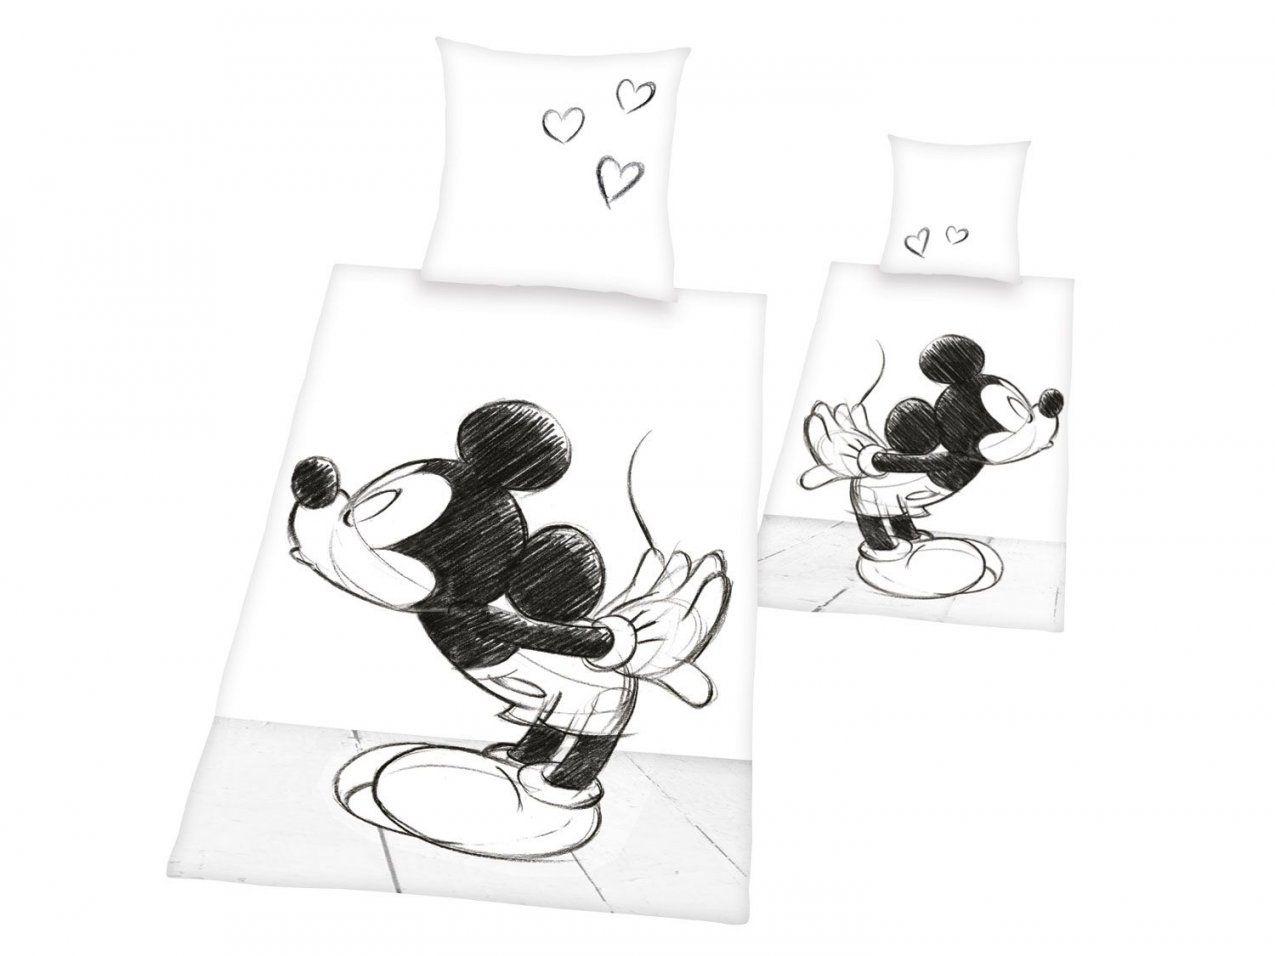 Renforcébettwäsche 135 X 200 Cm  Lidl Deutschland  Lidl von Mickey Mouse Bettwäsche Lidl Photo